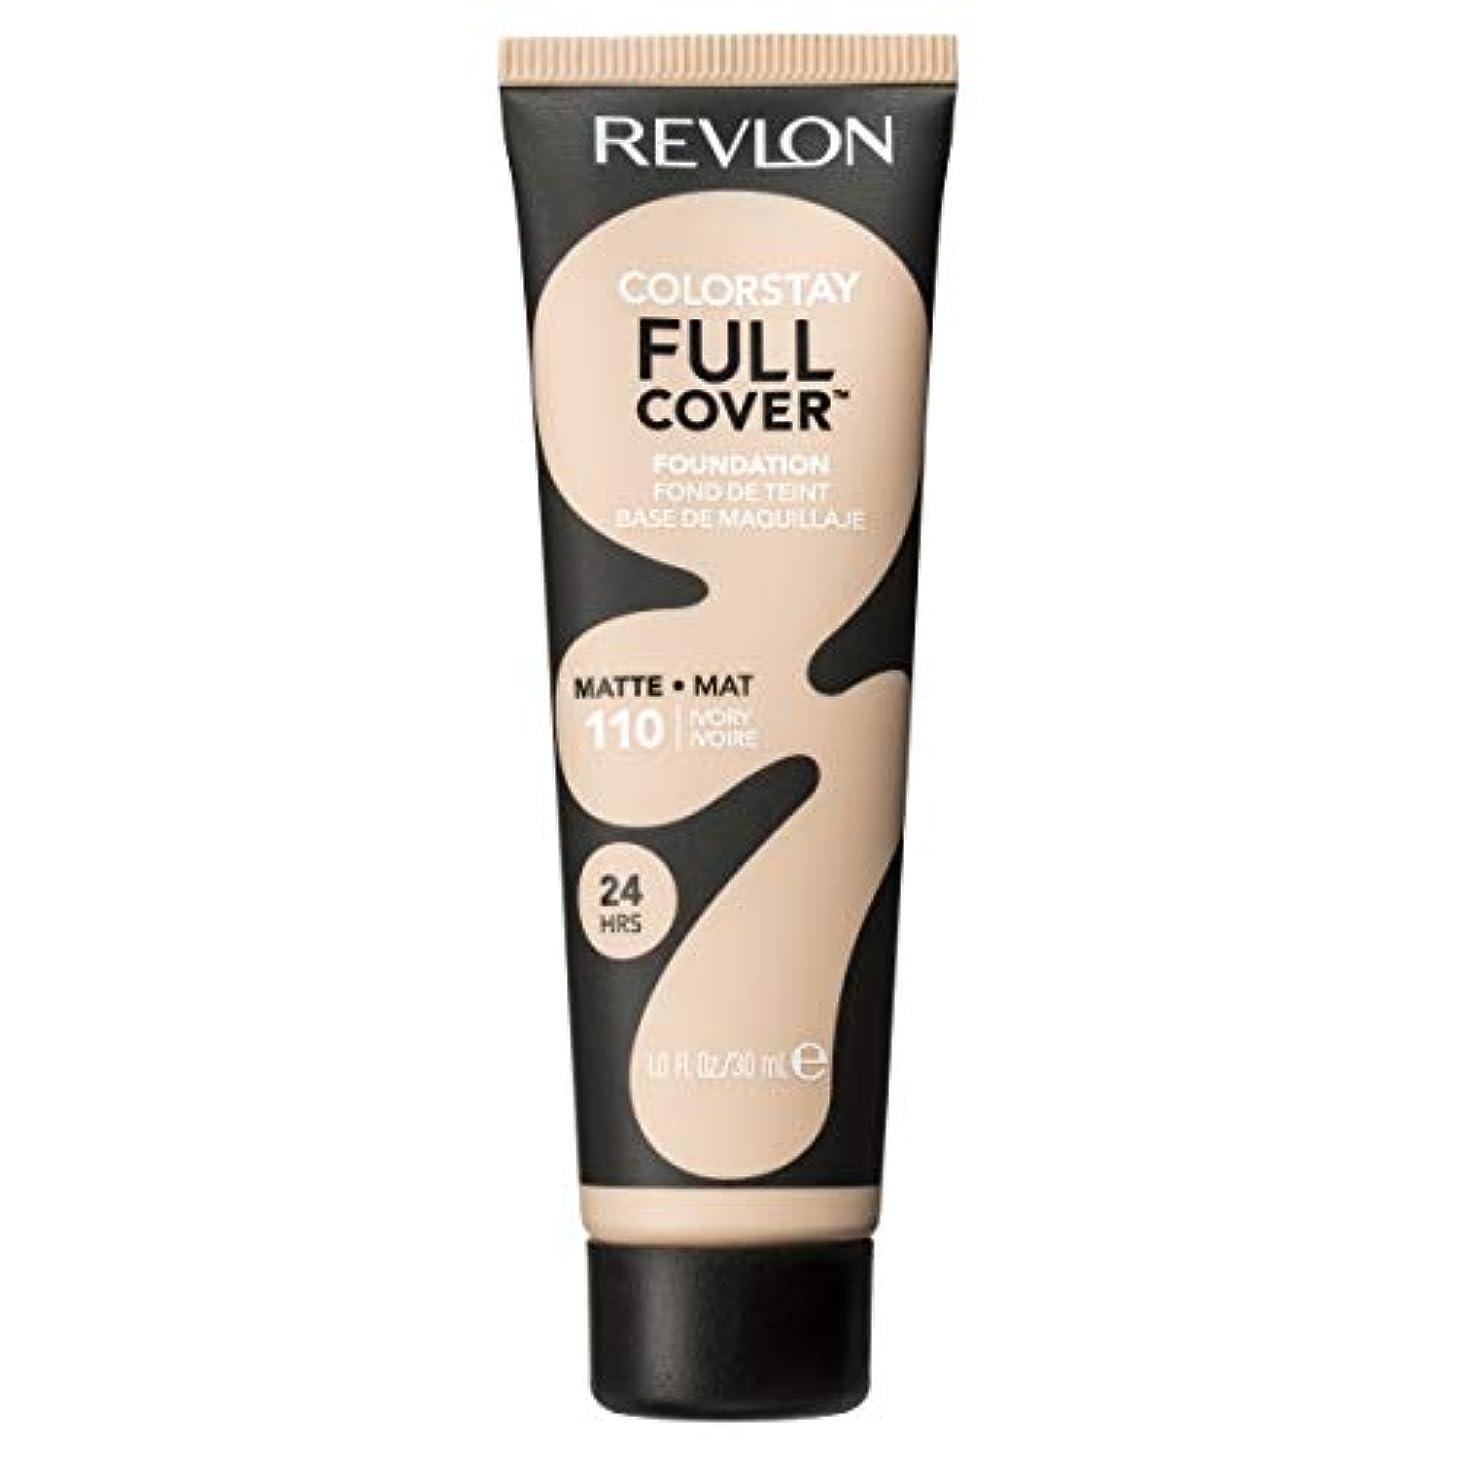 心理的パプアニューギニア和らげる【レブロン.revlon]カラーステイプルカバーファンデーション(30ml)/ color stay full cover foundation (110 ivory)